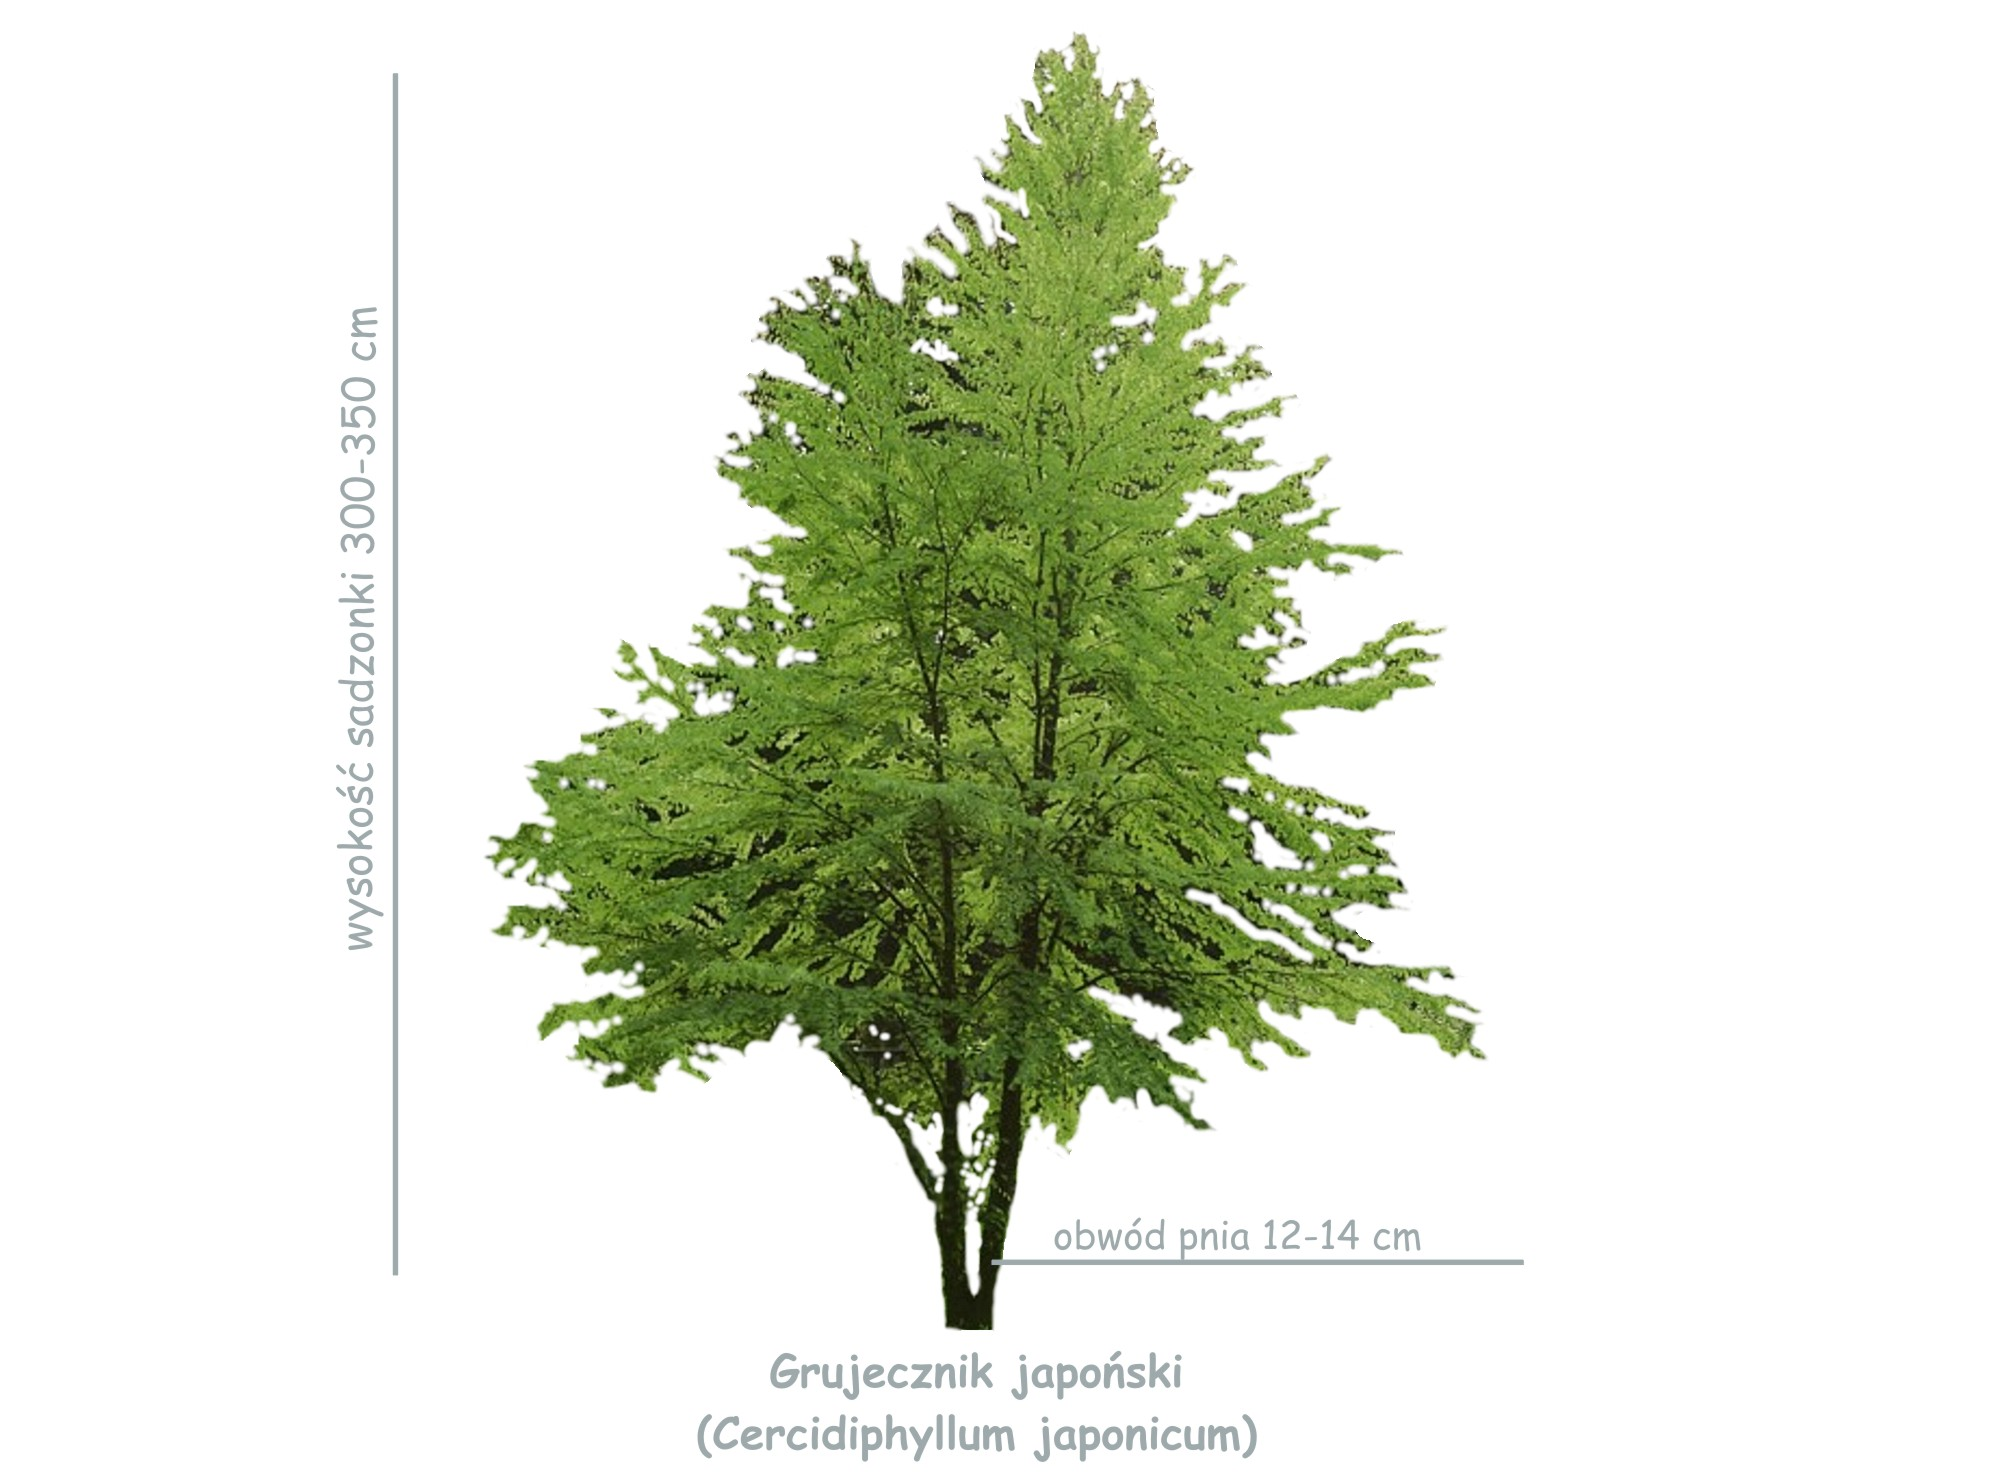 Grujecznik japońska (Cercidiphyllum japonicum) sadzonka o obwodzie 12-14 cm